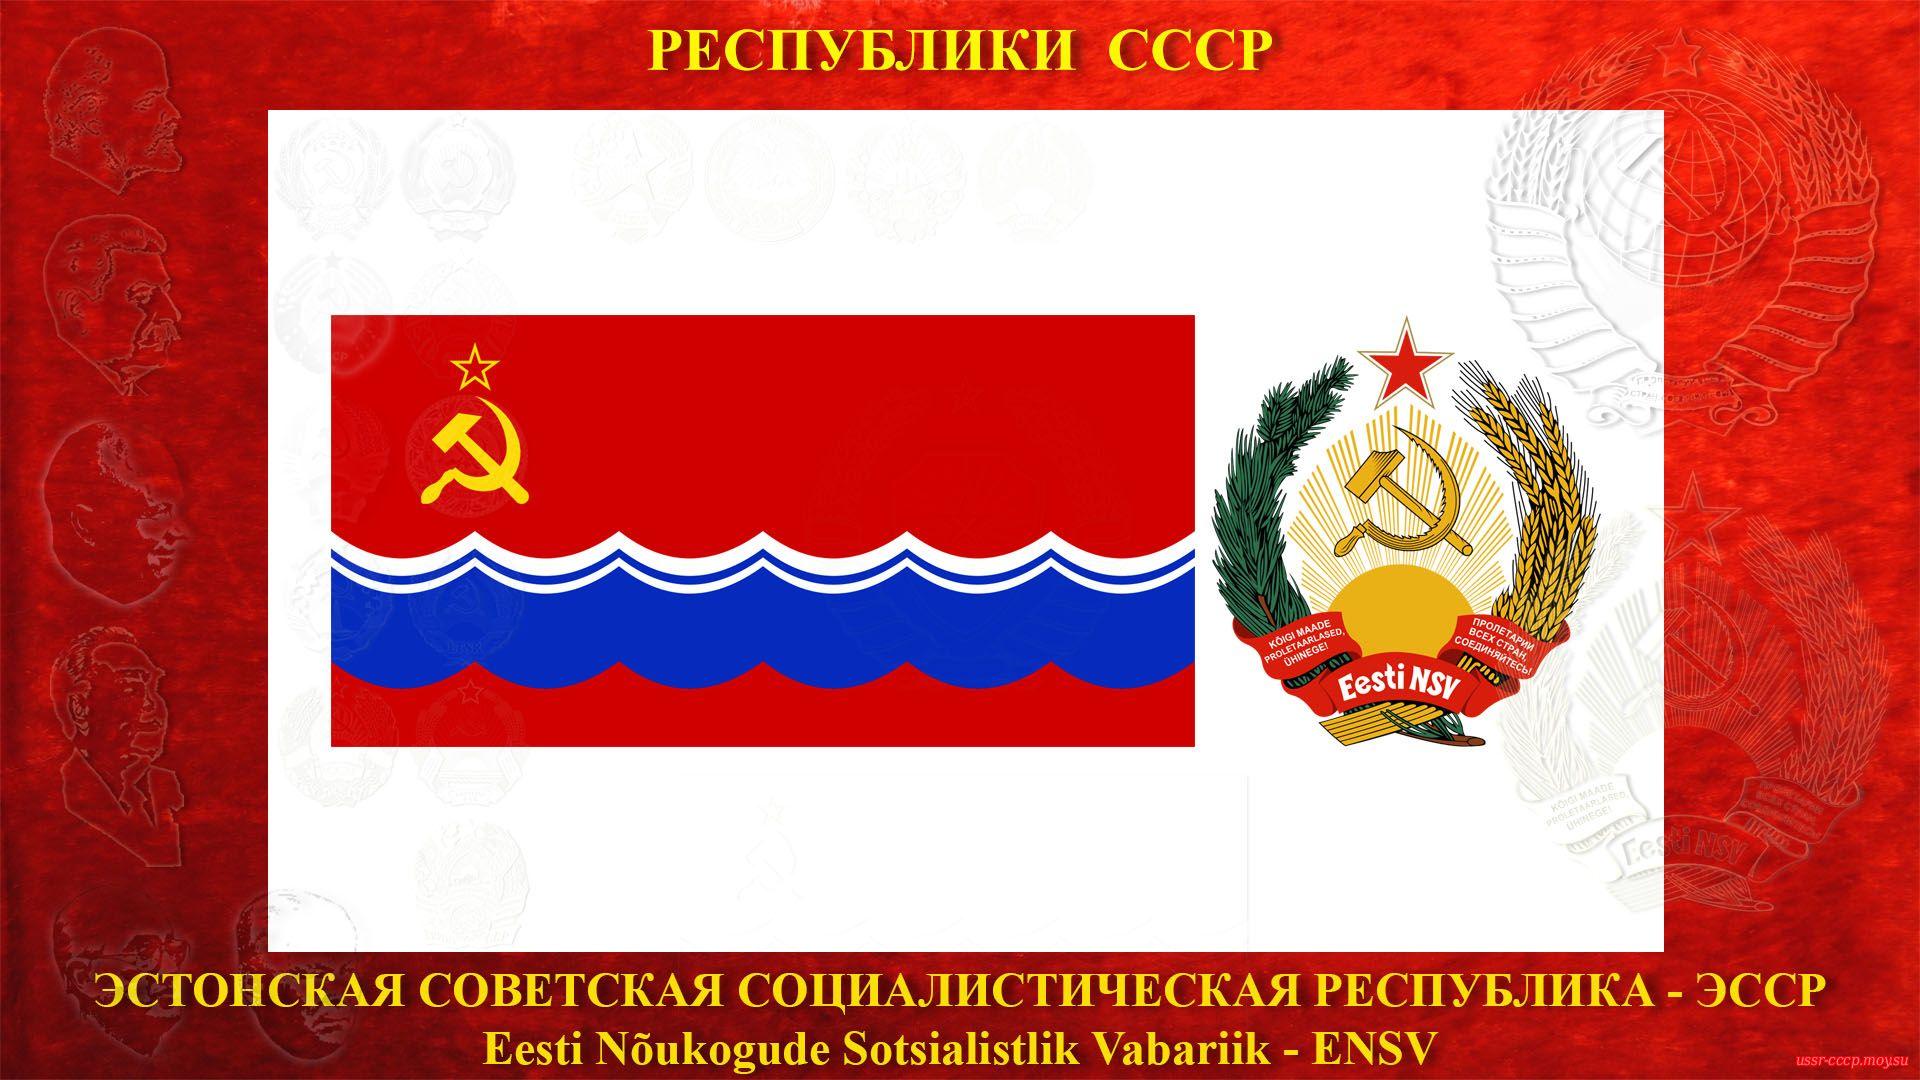 ЭССР — Эстонская Советская Социалистическая Республика (06.08.1940 — де-юре)